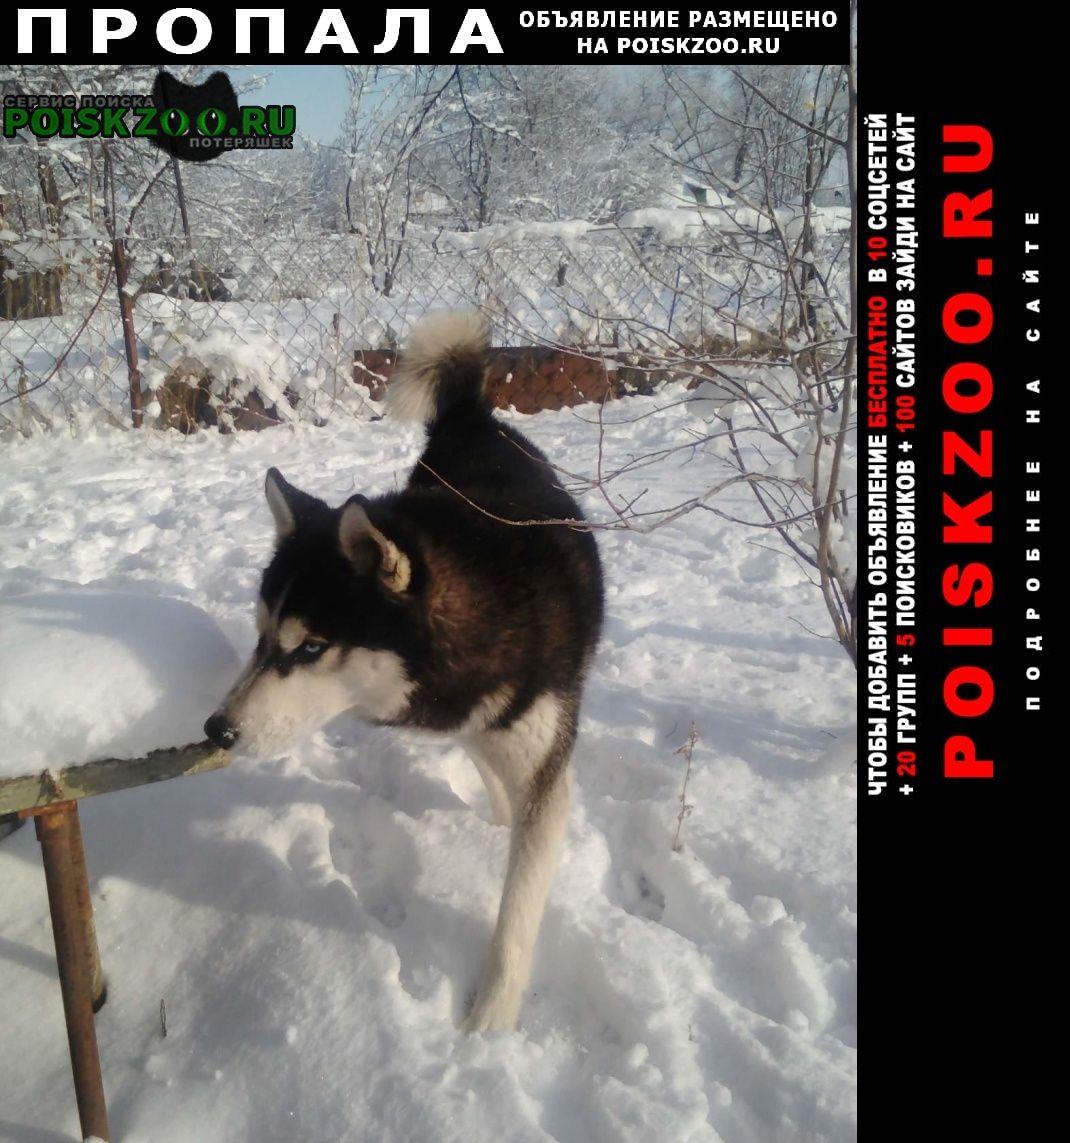 Новопавловск Пропала собака кобель